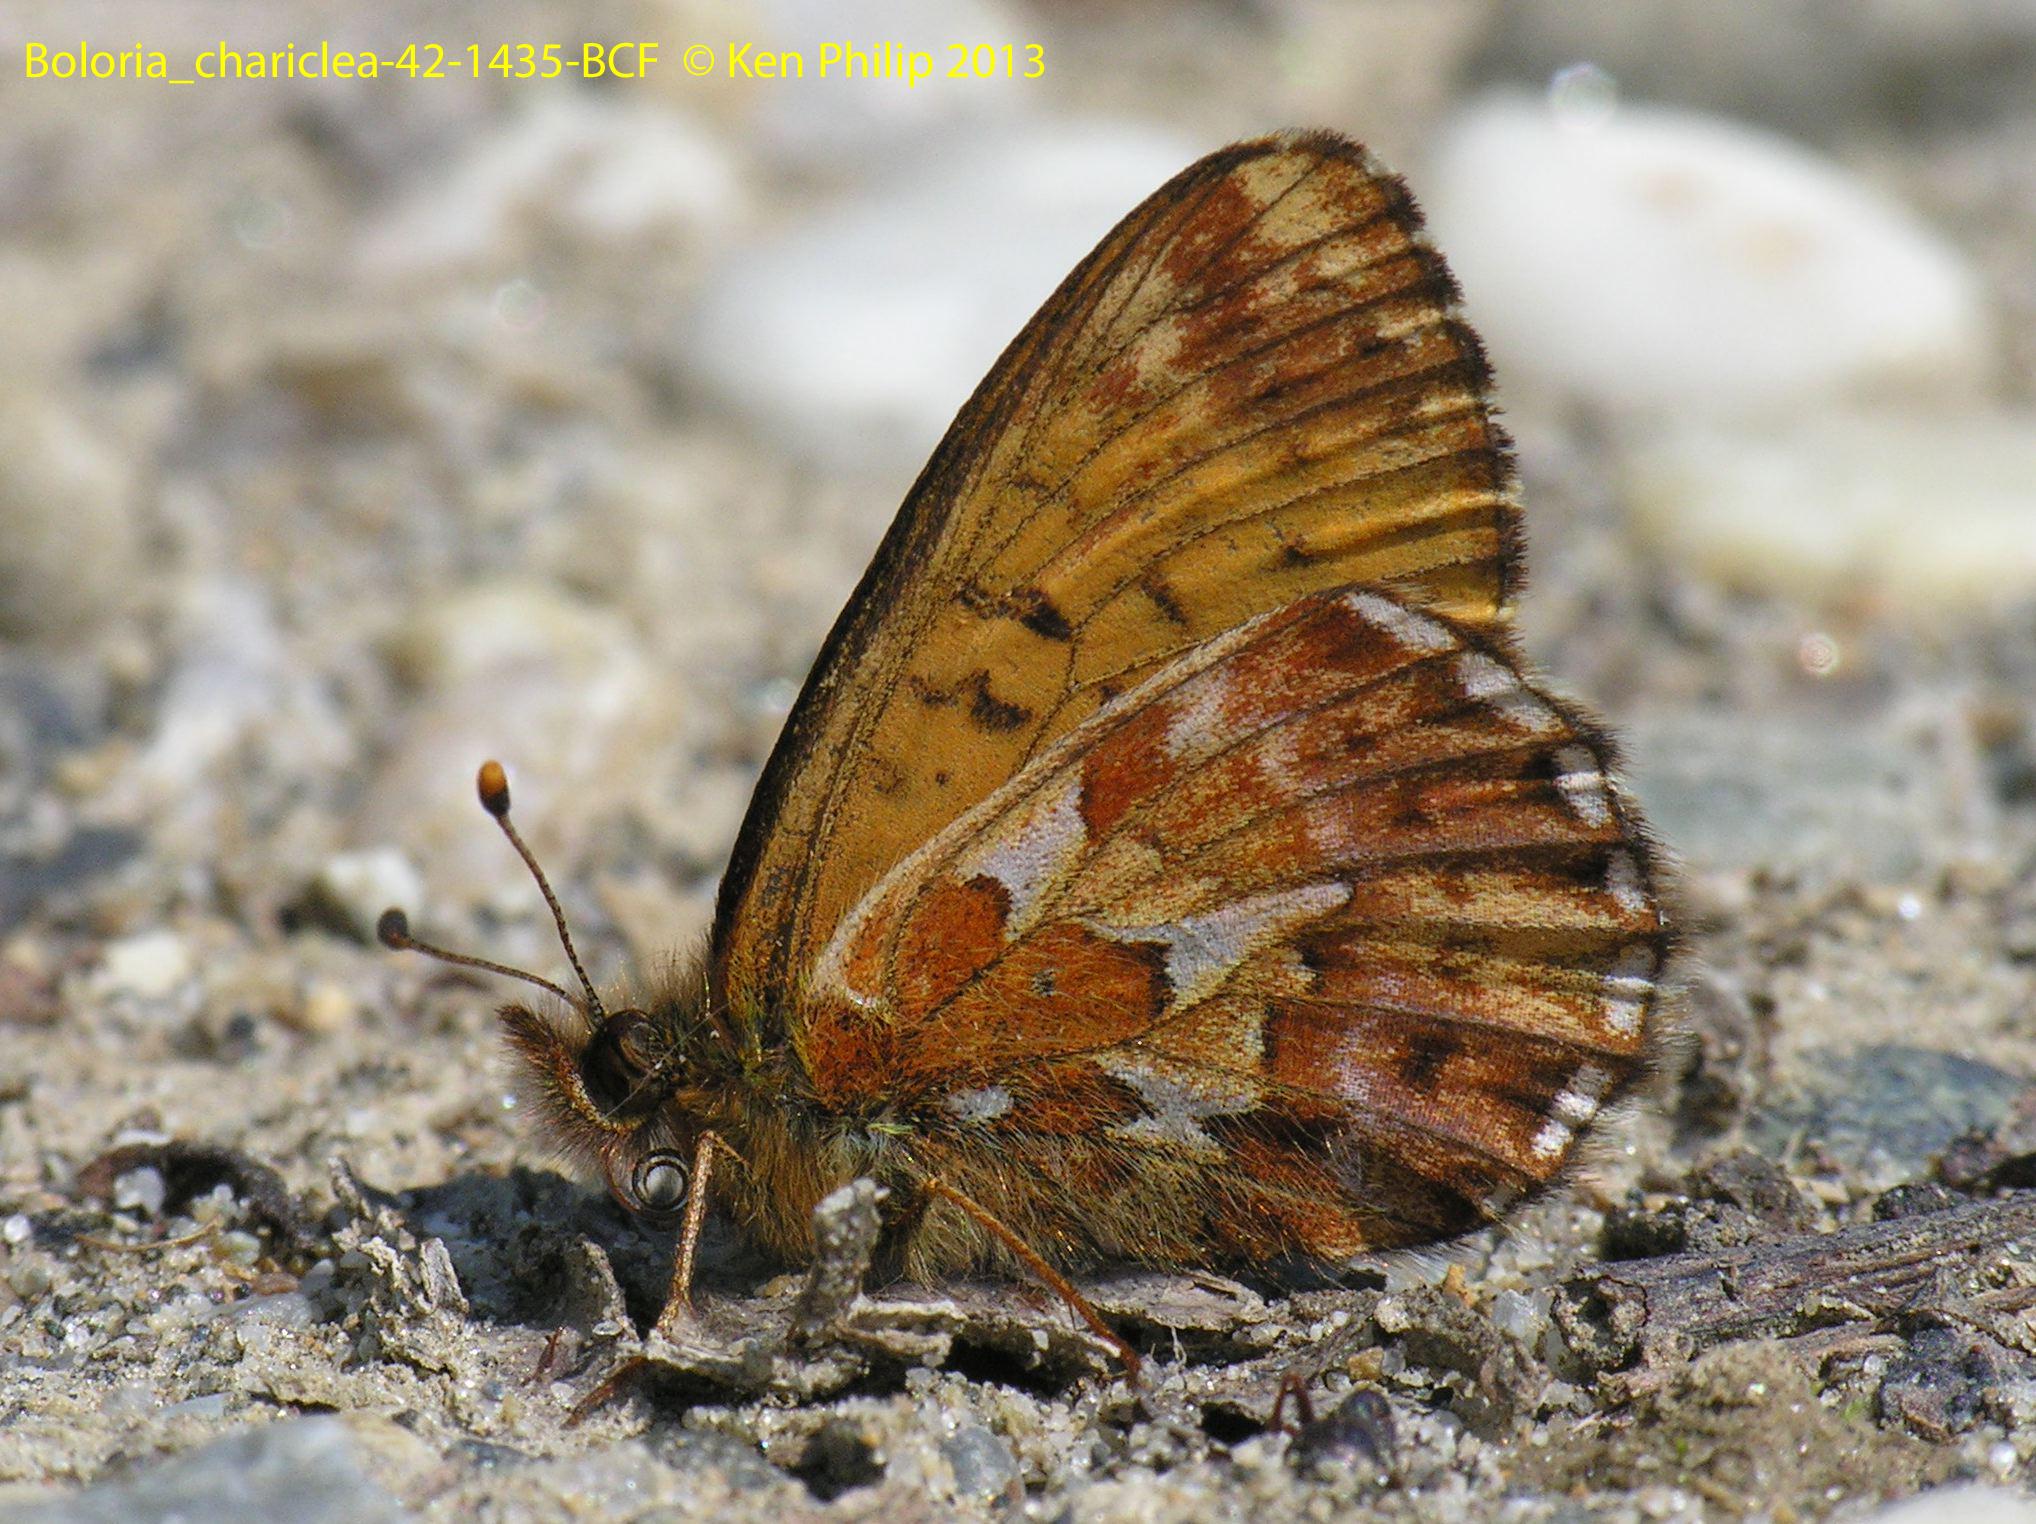 47-Boloria_chariclea-42-1435-BCF